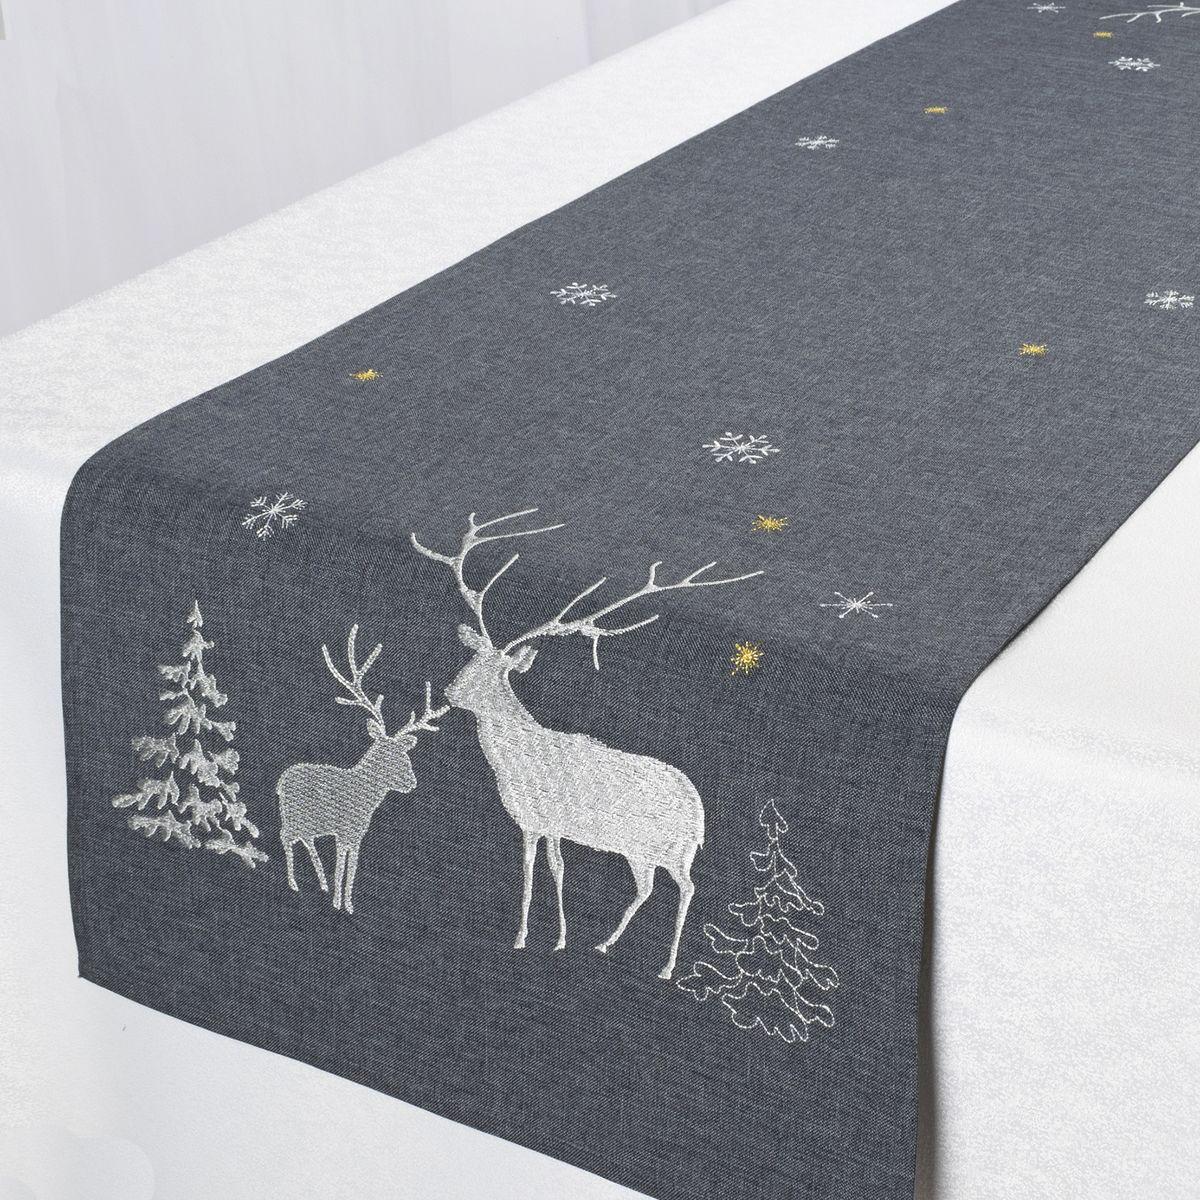 Дорожка для декорирования стола Schaefer, цвет: темно-серый, 40 х 140 см 07670-21107670-211Дорожка Schaefer, выполненная из полиэстера, станет изысканным украшением интерьера в преддверии Нового года. Изделие декорировано красивой вышивкой в виде оленей. Такую дорожку можно использовать для украшения комодов, тумб и столов. За текстилем из полиэстера очень легко ухаживать: он легко стирается, не мнется, не садится и быстро сохнет, более долговечен, чем текстиль из натуральных волокон. Такая дорожка изящно дополнит интерьер вашего дома.